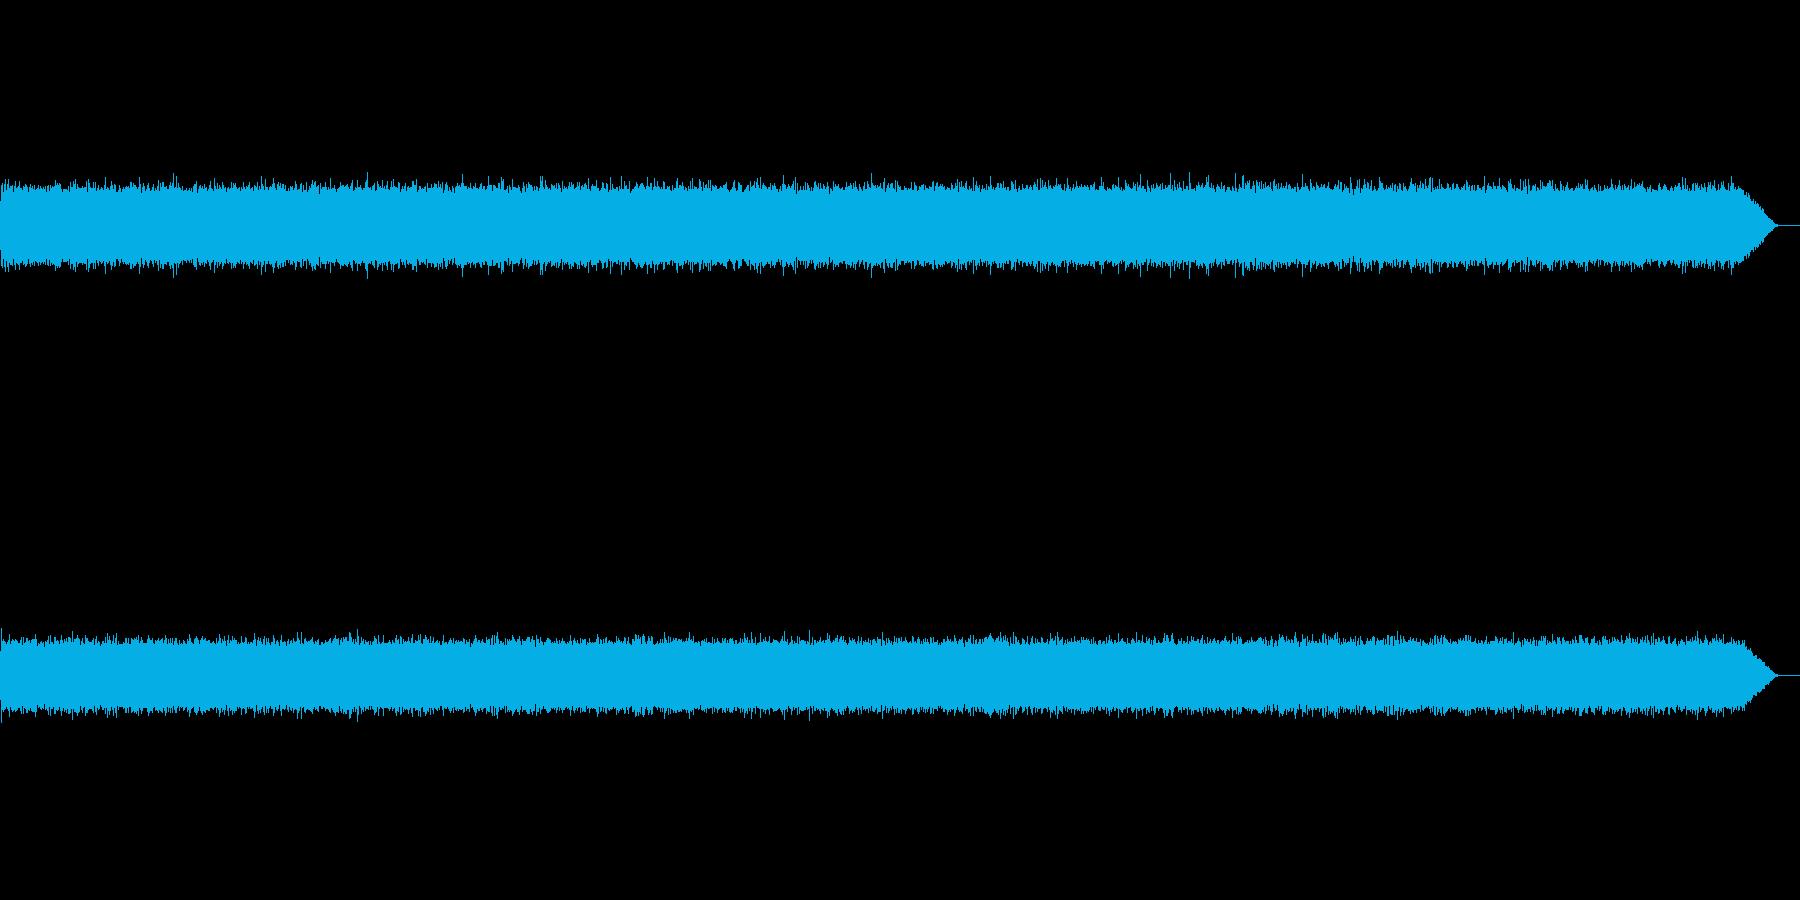 ザーーー(テープノイズ-01-重め)の再生済みの波形